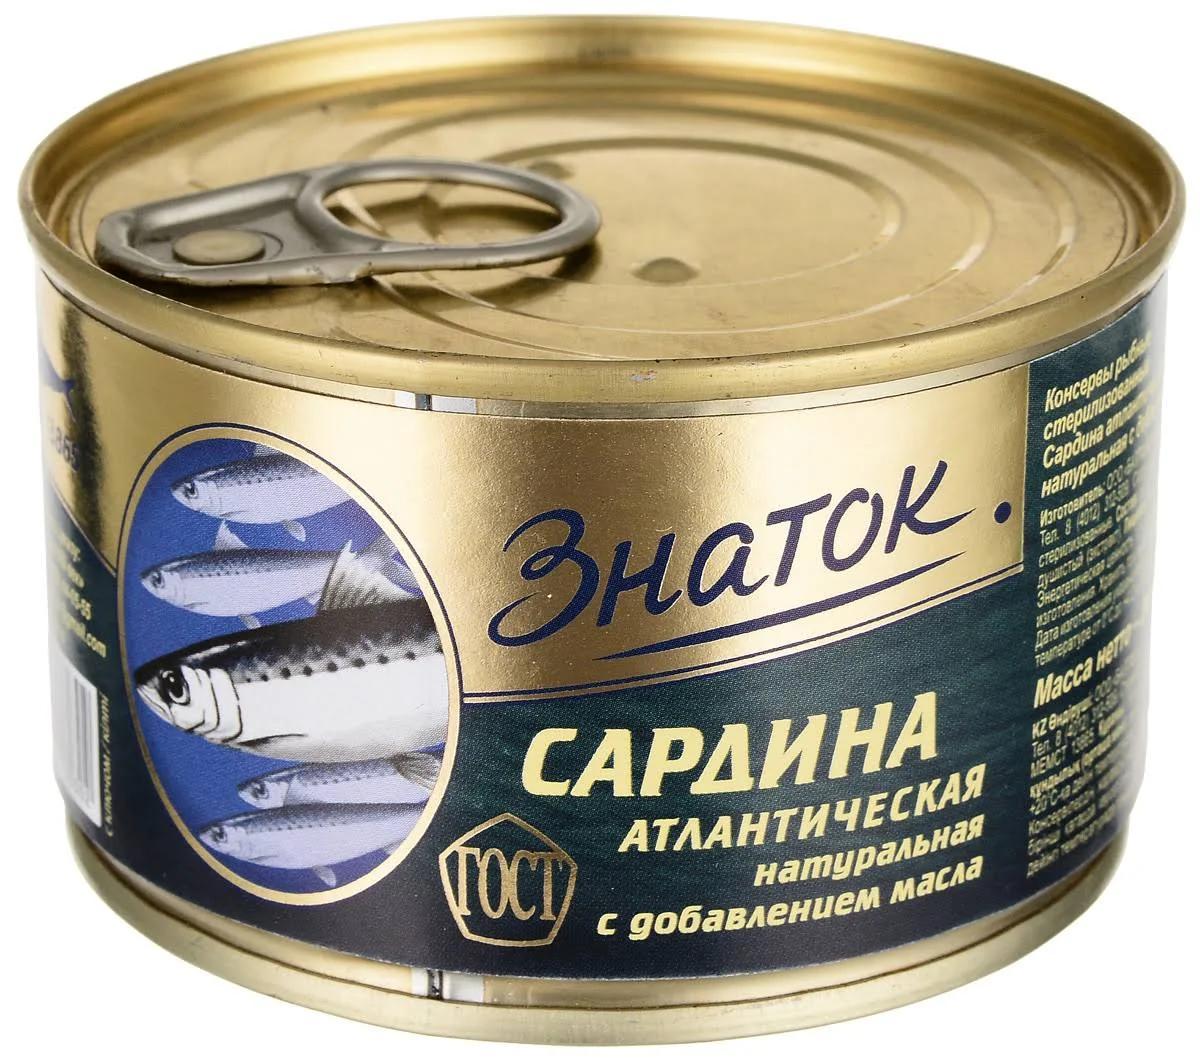 Сардина Знаток атлантическая натуральная с добавлением масла 240 гр